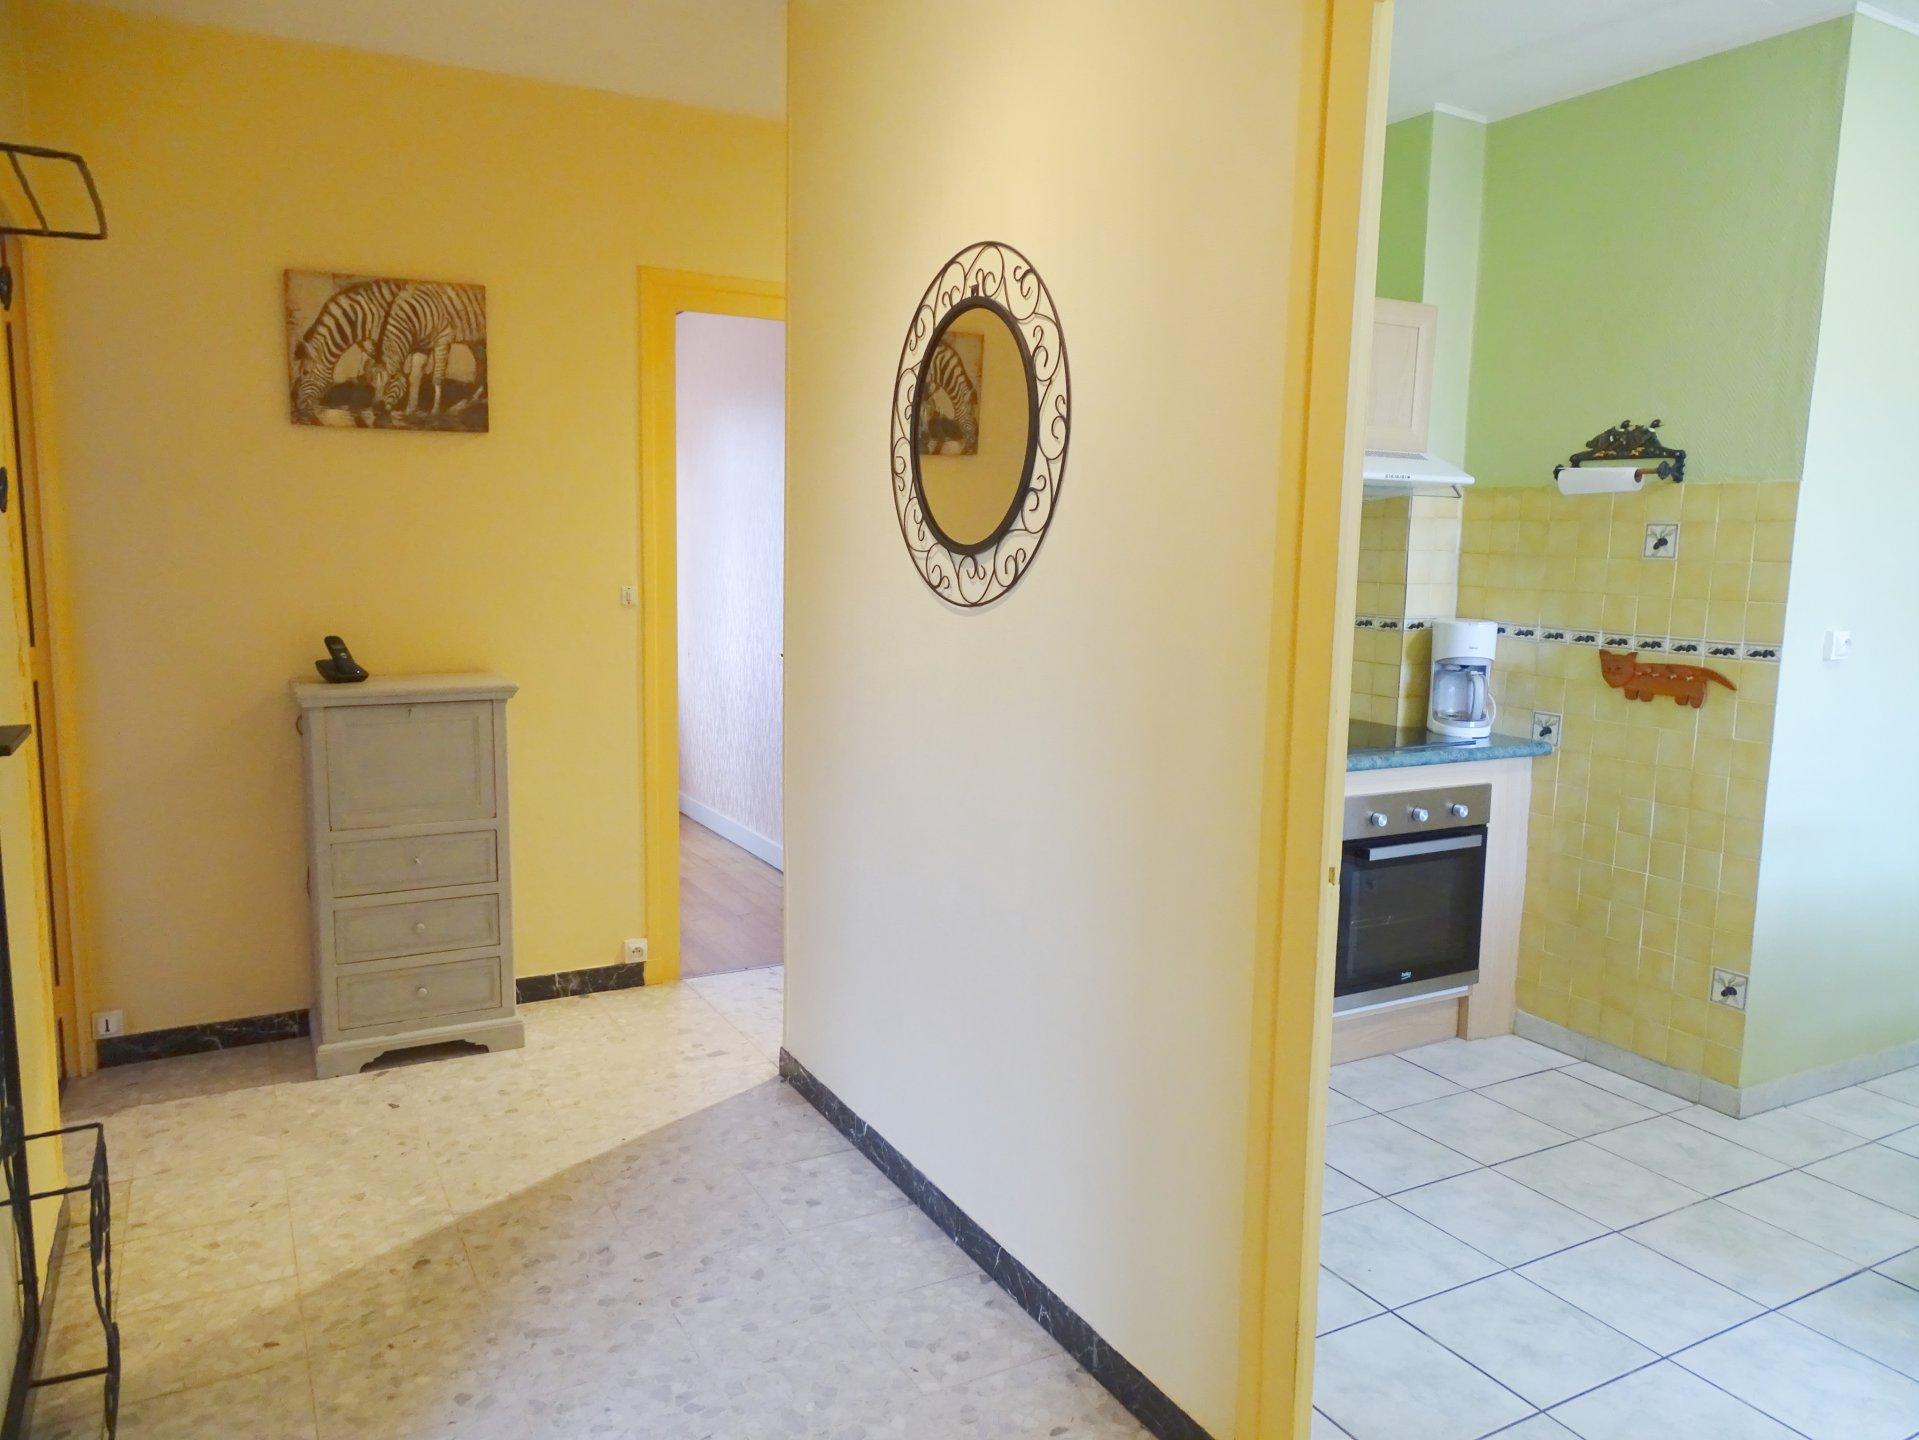 SOUS COMPROMIS DE VENTE A quelques pas du centre de Charnay lès Mâcon, venez découvrir cette maison des années 50 qui vous séduira par son potentiel et ses beaux volumes. D'une surface de 90 m² habitable, elle se compose d'un spacieux séjour, un espace salon, une cuisine indépendante équipée, deux chambres ainsi qu'un bureau, une salle de bains et un toilette. Au rez-de-chaussée, vous trouverez un garage ainsi que deux espaces chaufferie. Le tout est implanté sur un terrain clos de 500 m². Maison lumineuse et disposant de nombreux rangements. Honoraires à la charge du vendeur.